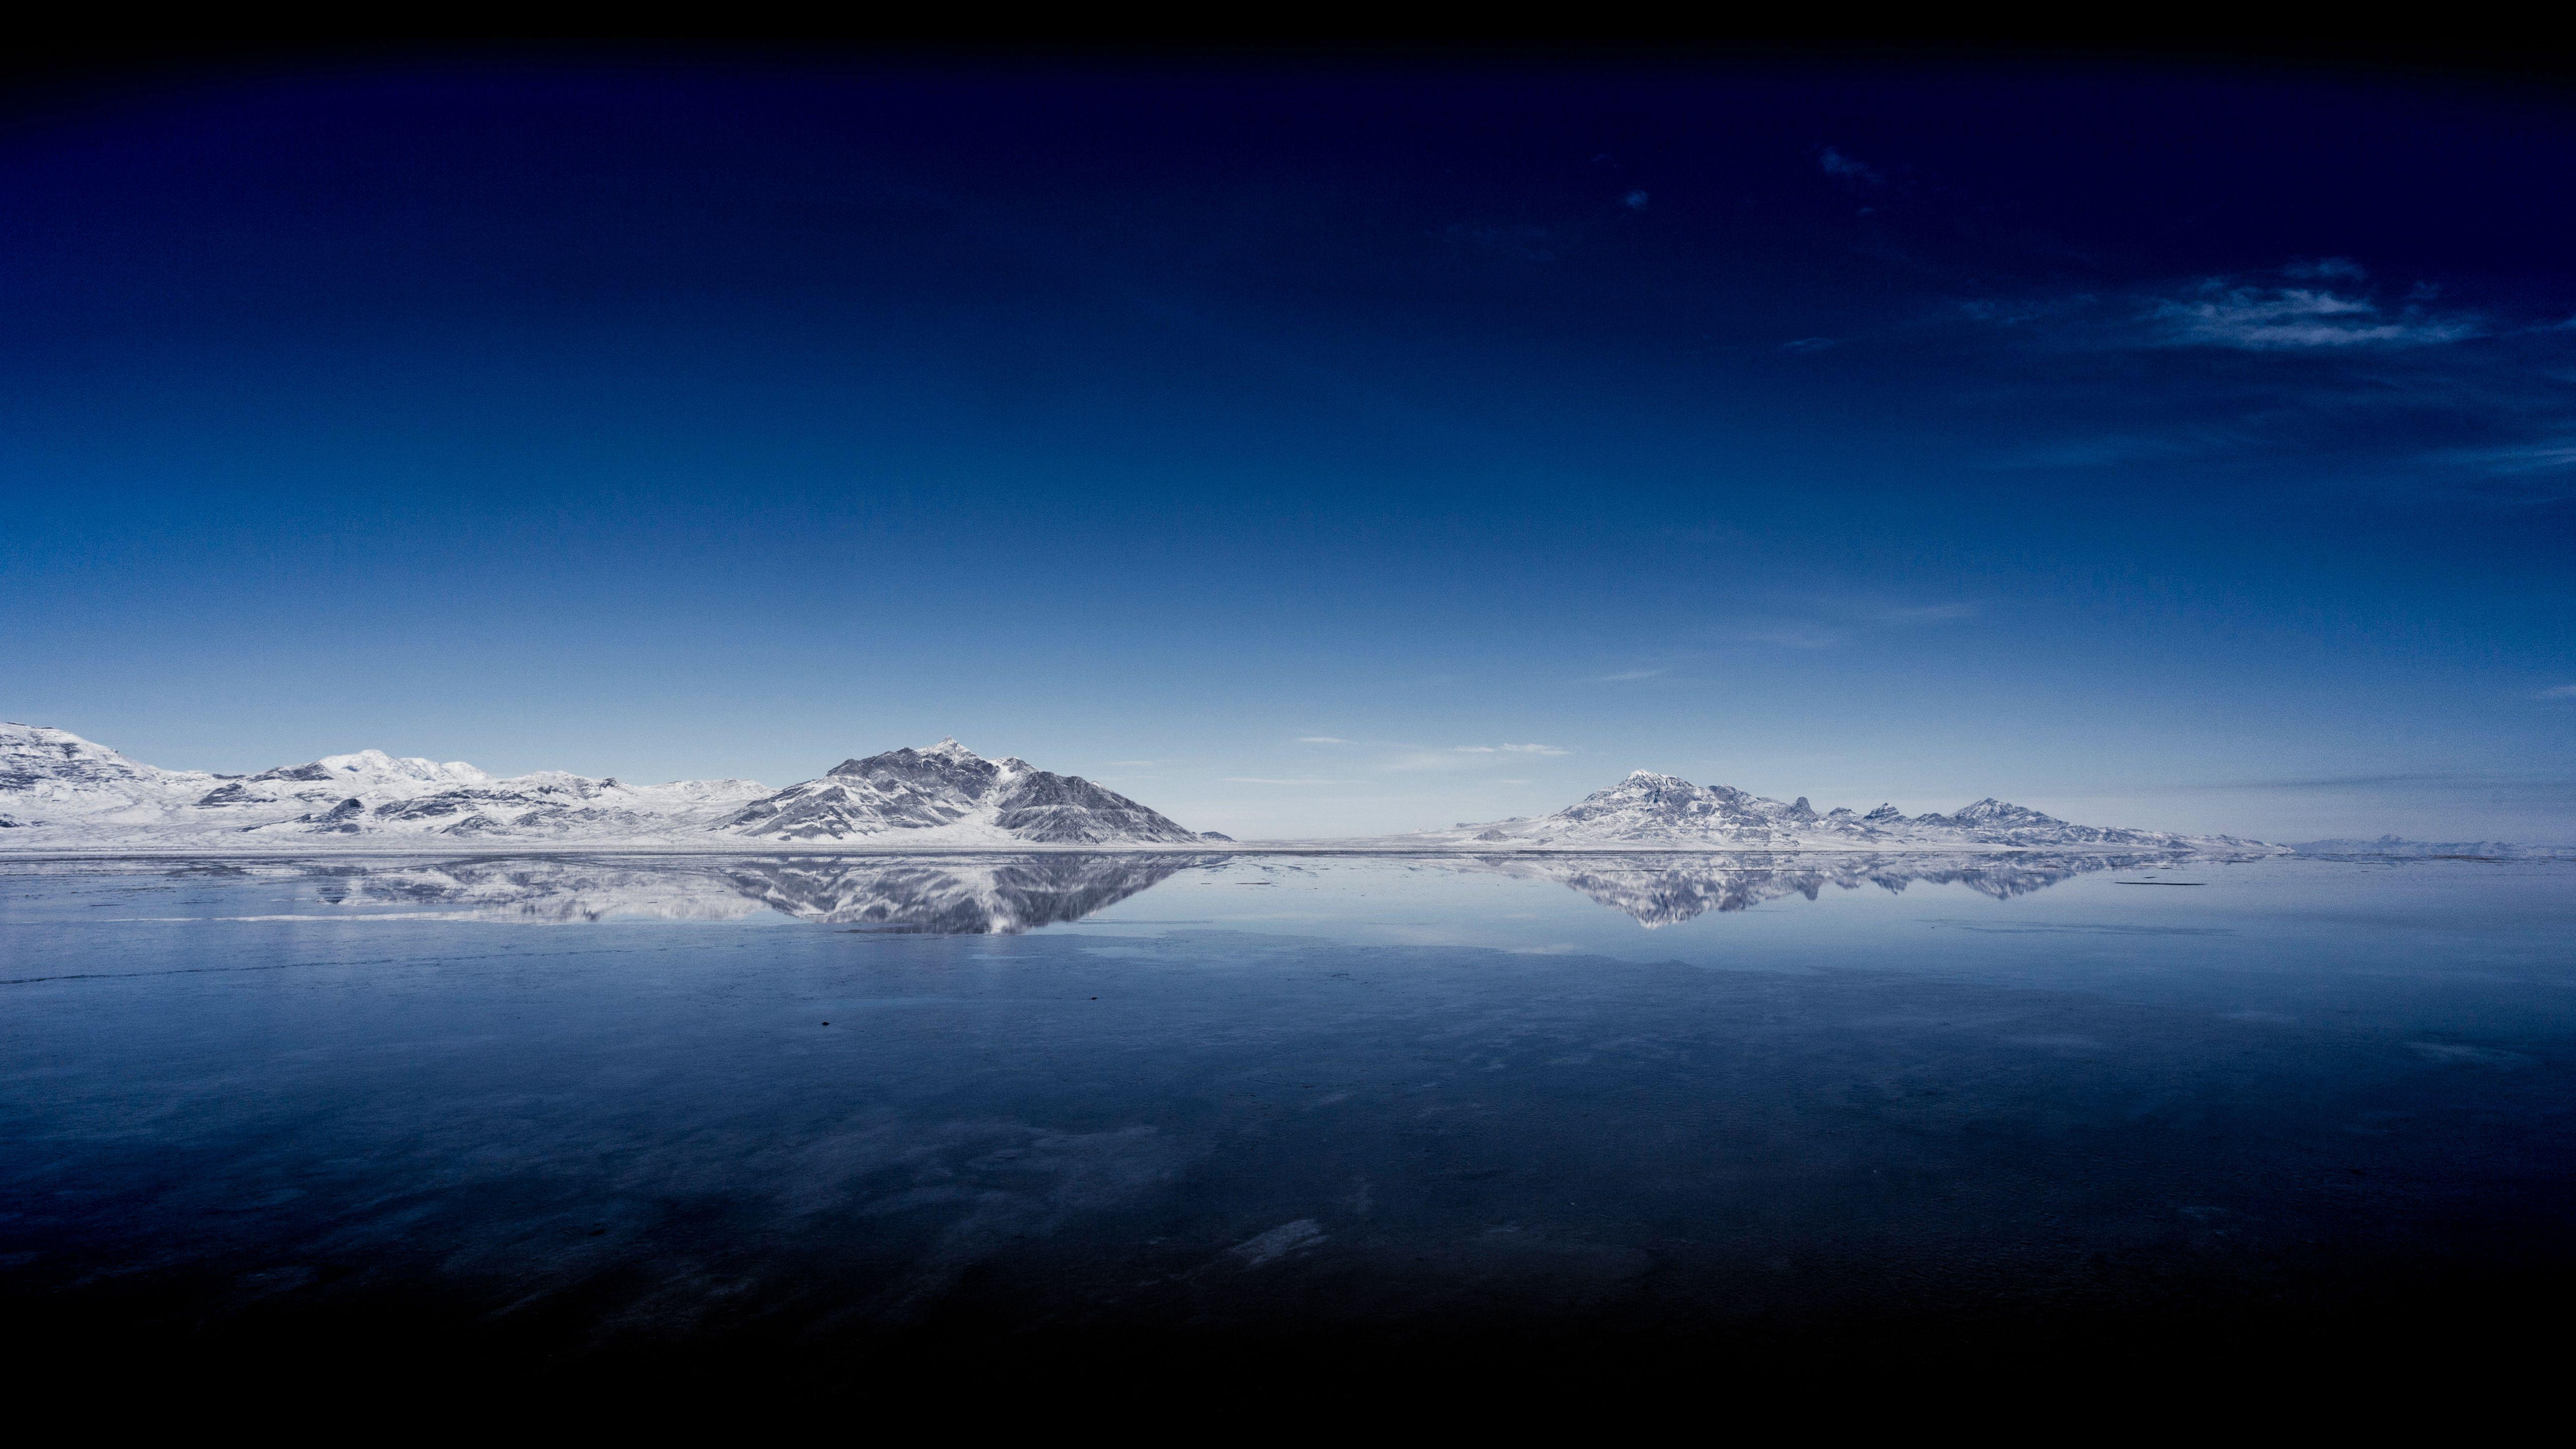 Bonneville Salt Flats Lake Travel 4k wallpaper download 5120x2880